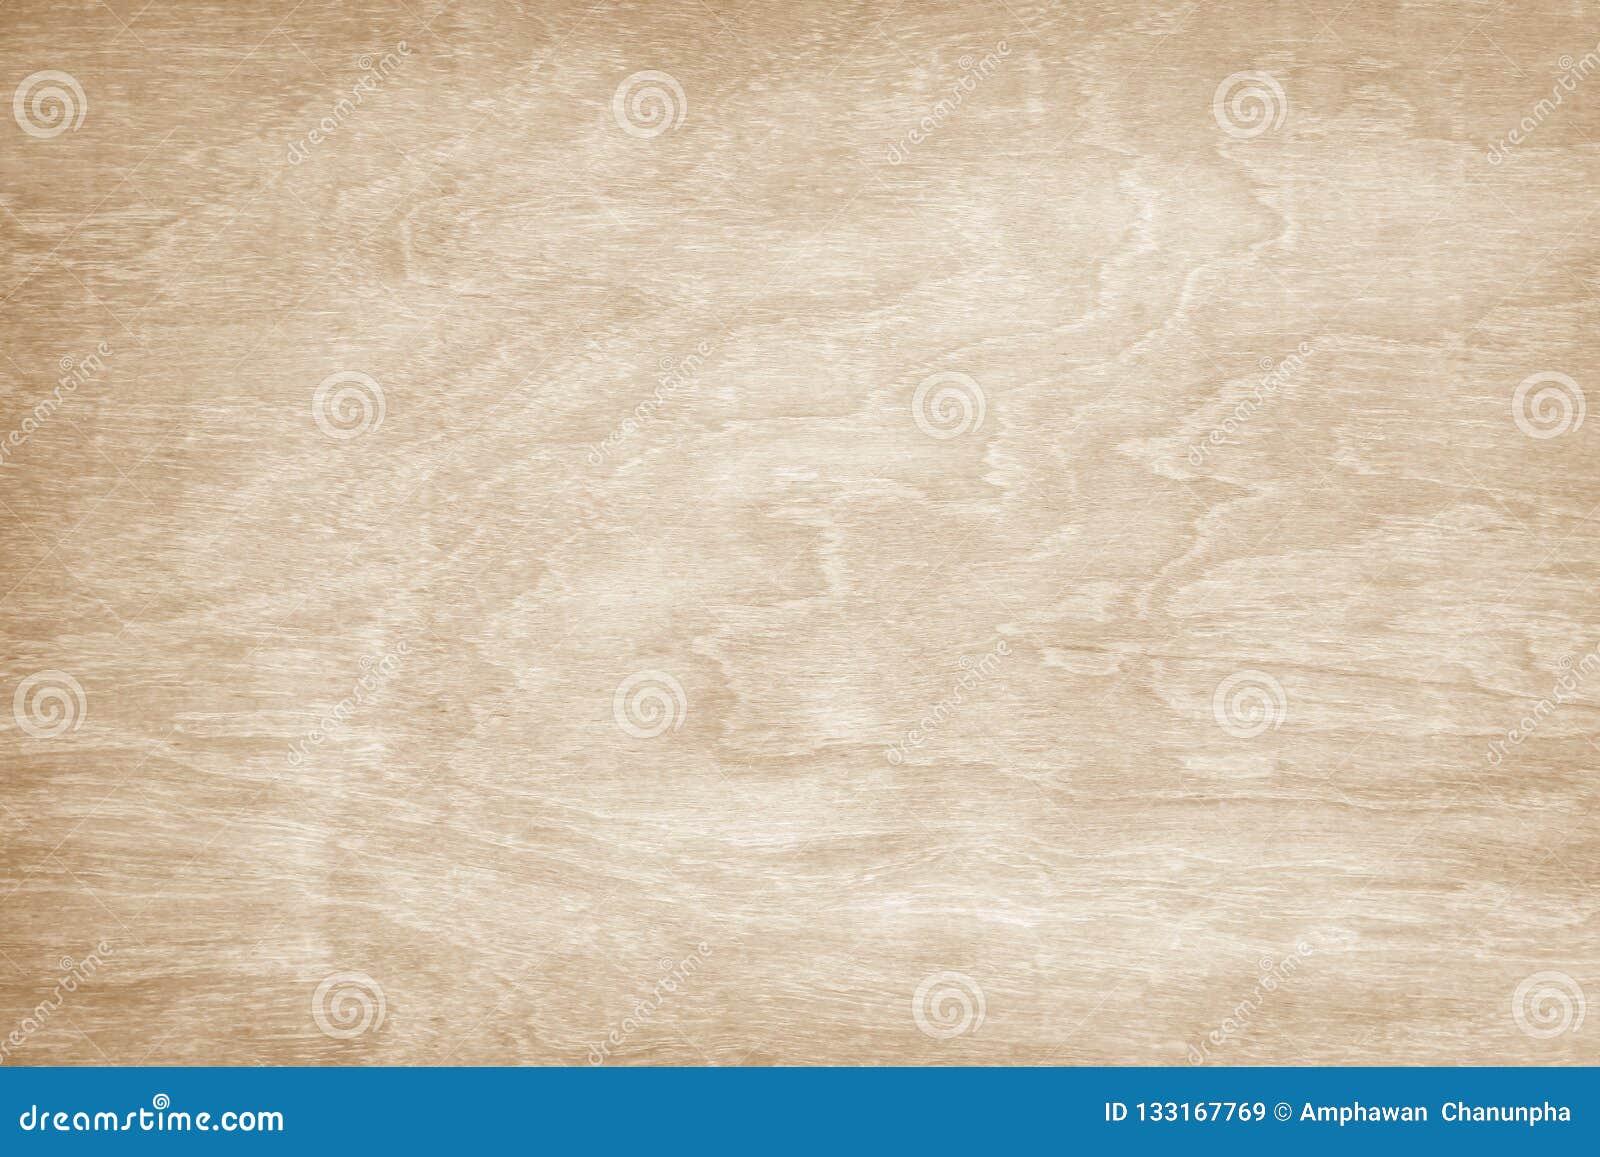 Träväggtexturbakgrund som är ljus - bruna naturliga vågmodeller som är abstrakta i horisontal